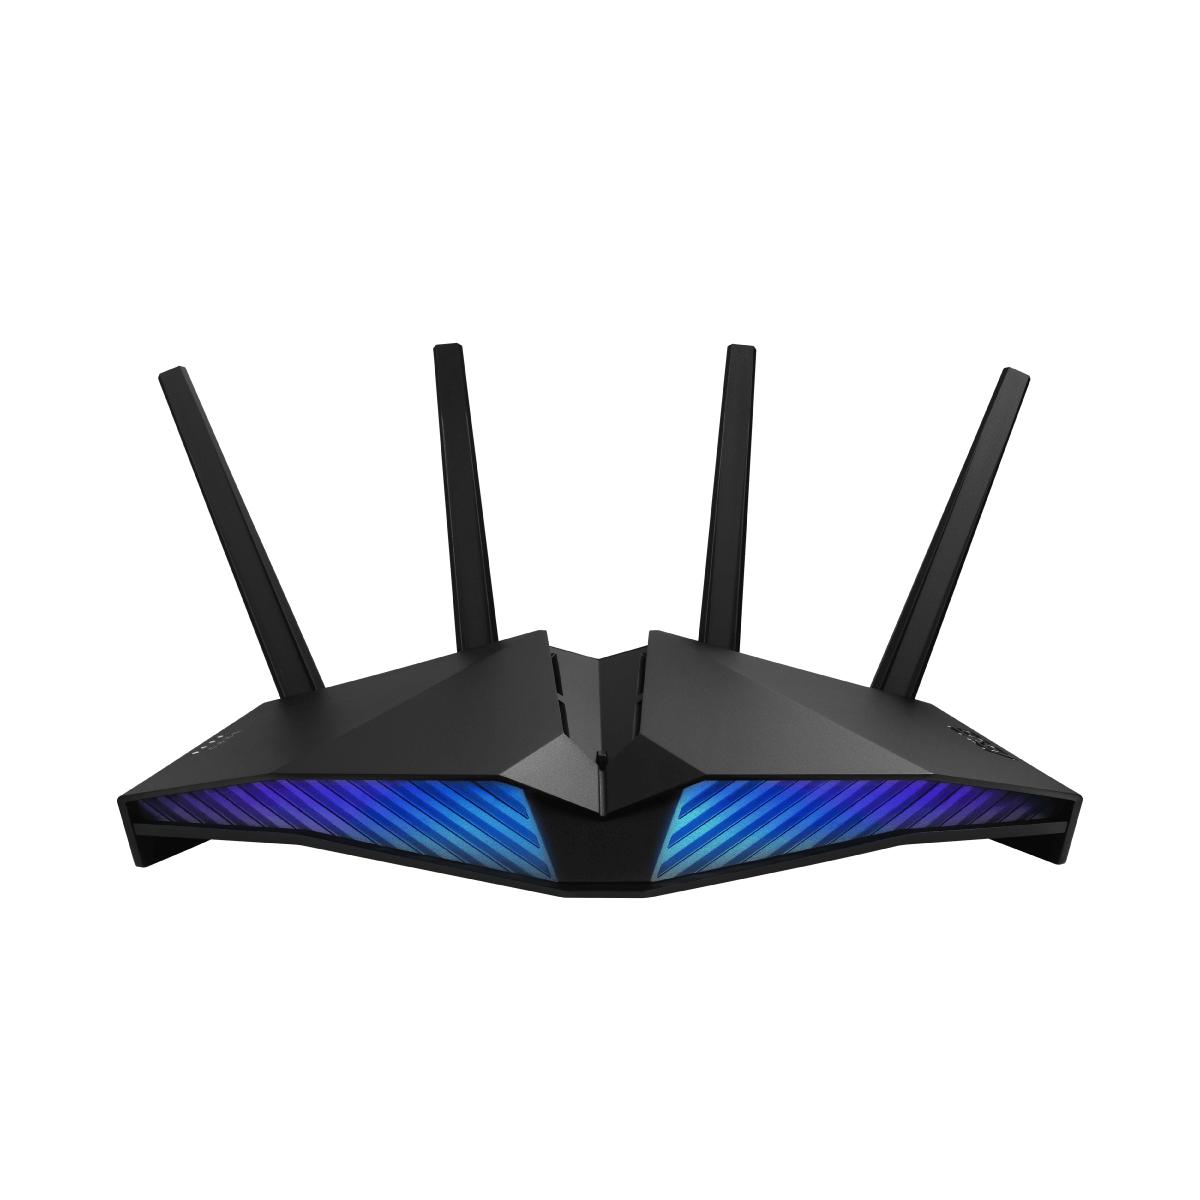 AX5400 雙頻 WiFi 6 (802.11ax)  無線路由器